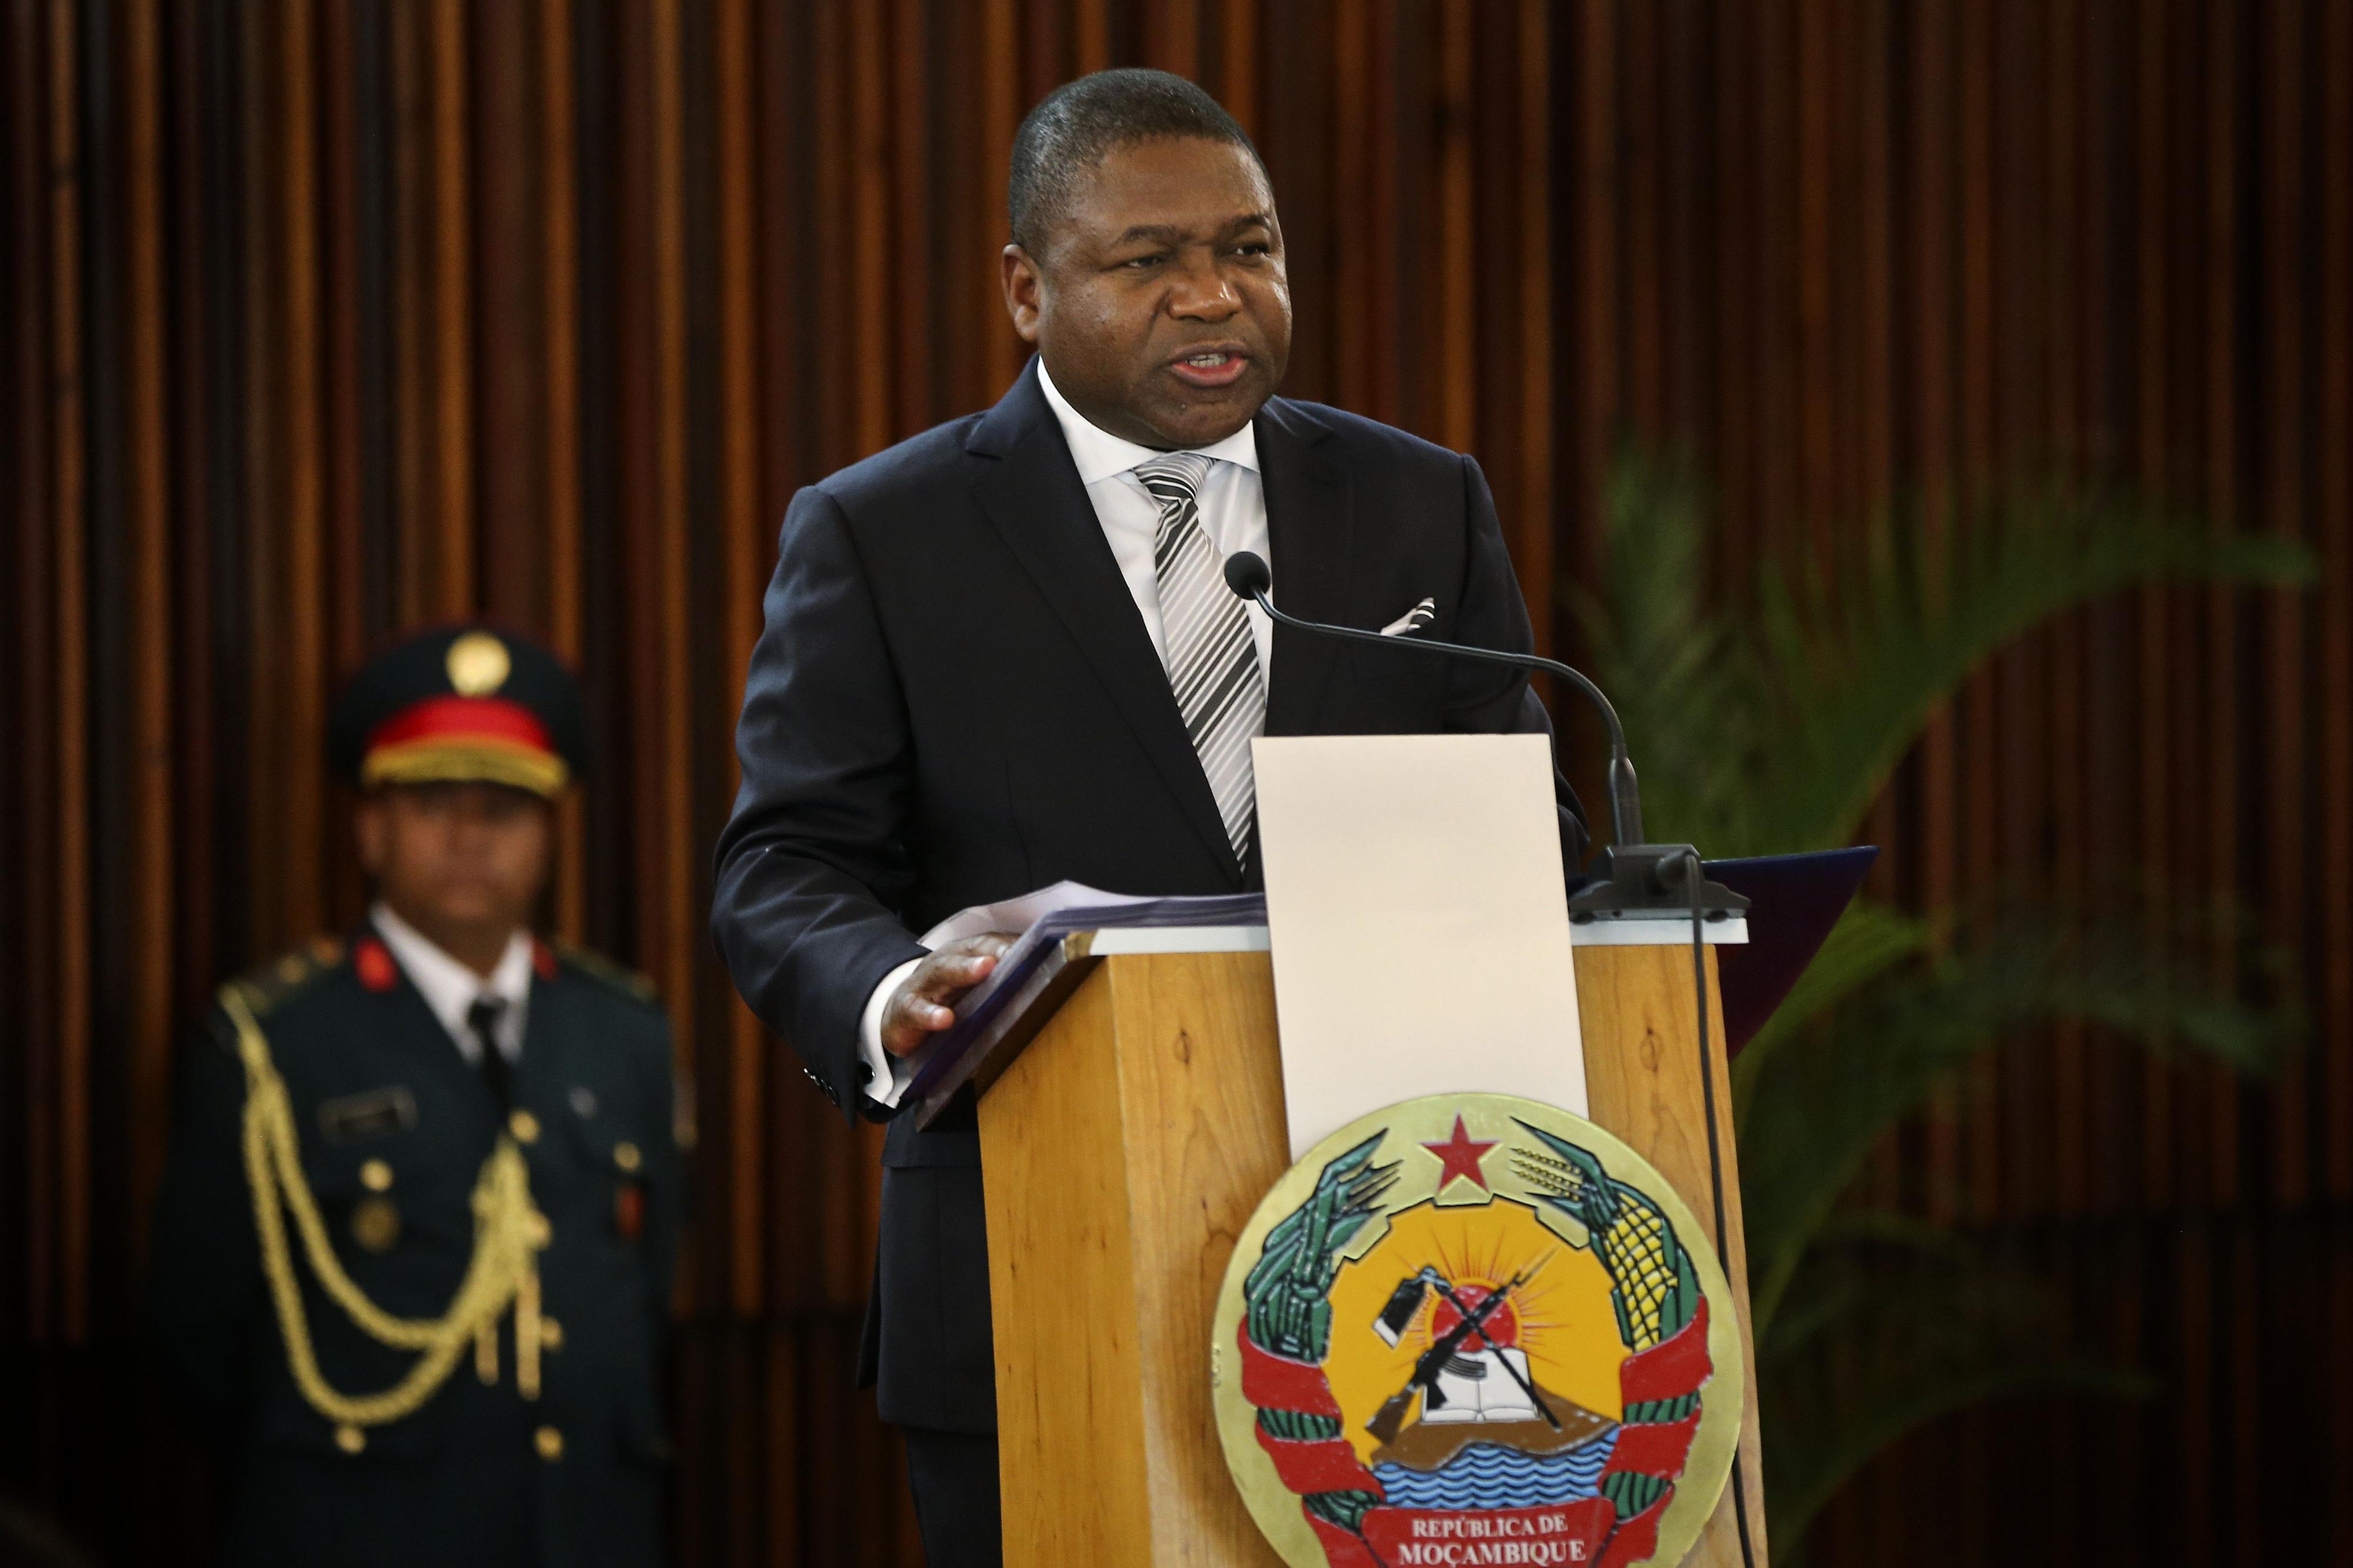 PR moçambicano defende que país precisa melhorar estratégia de comercialização agrícola